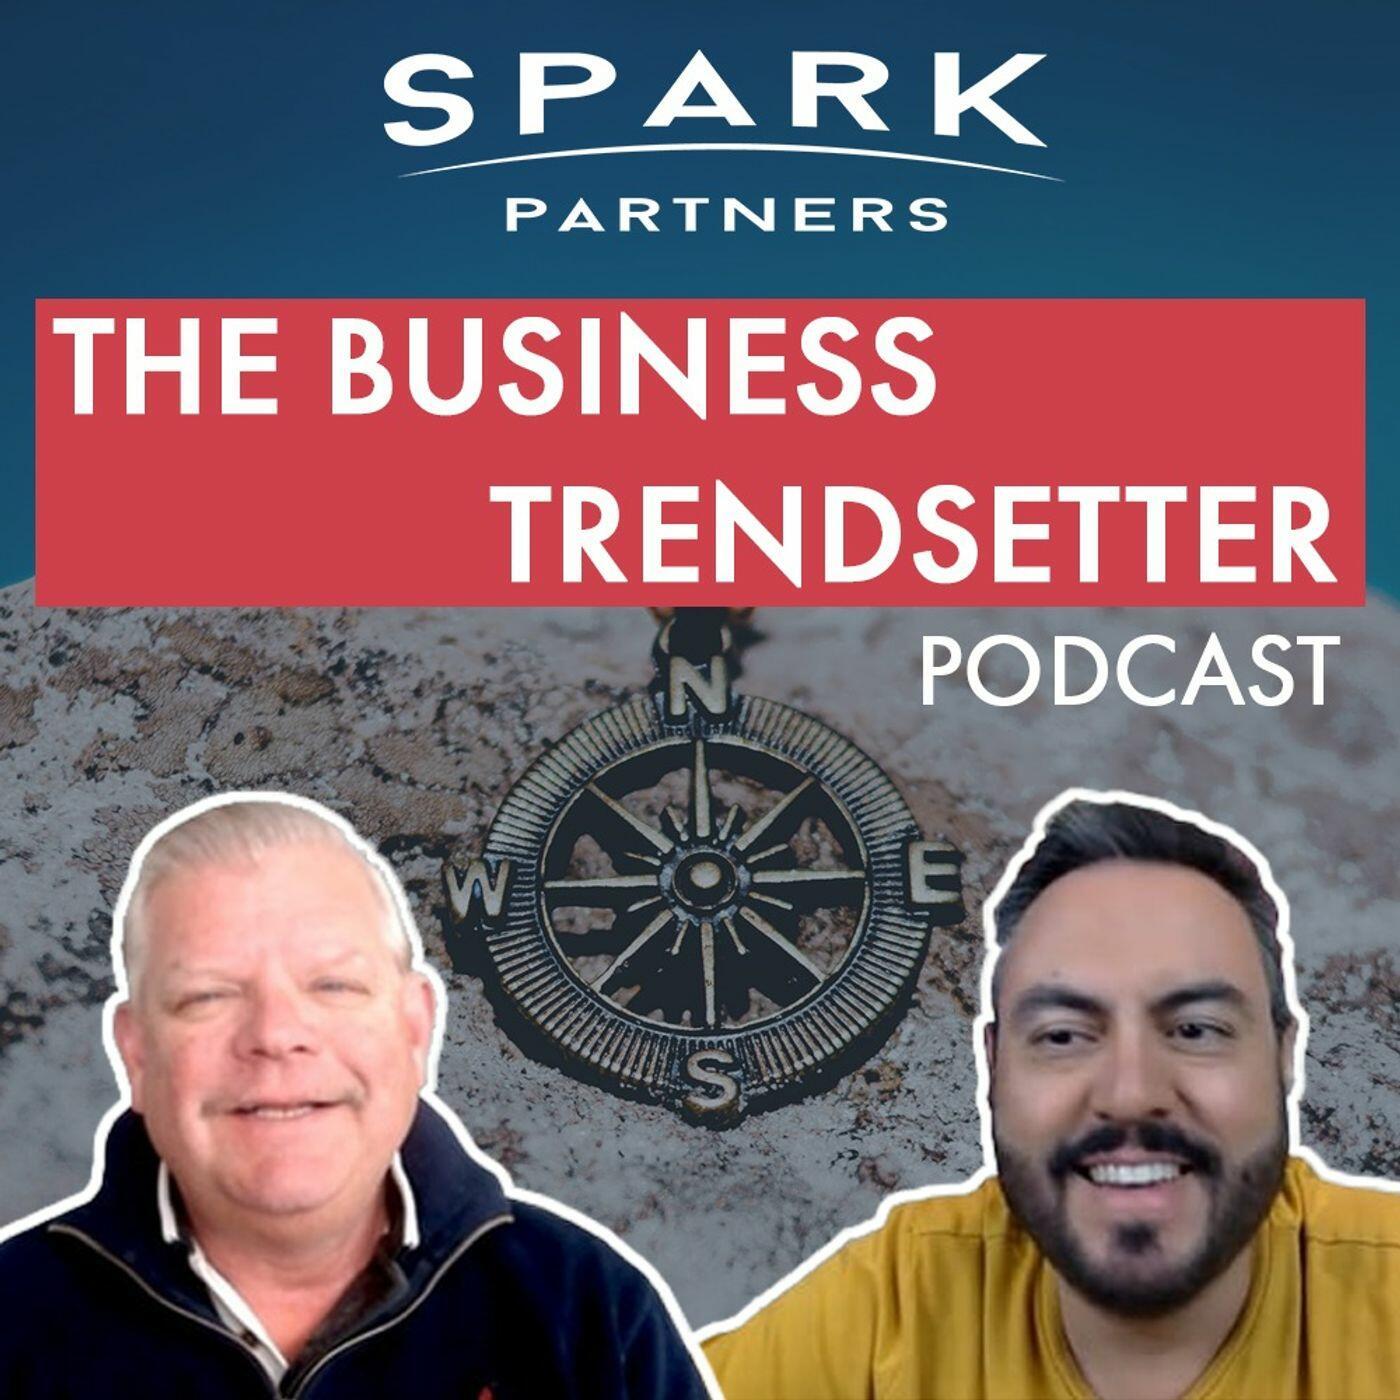 The Business Trendsetter Podcast